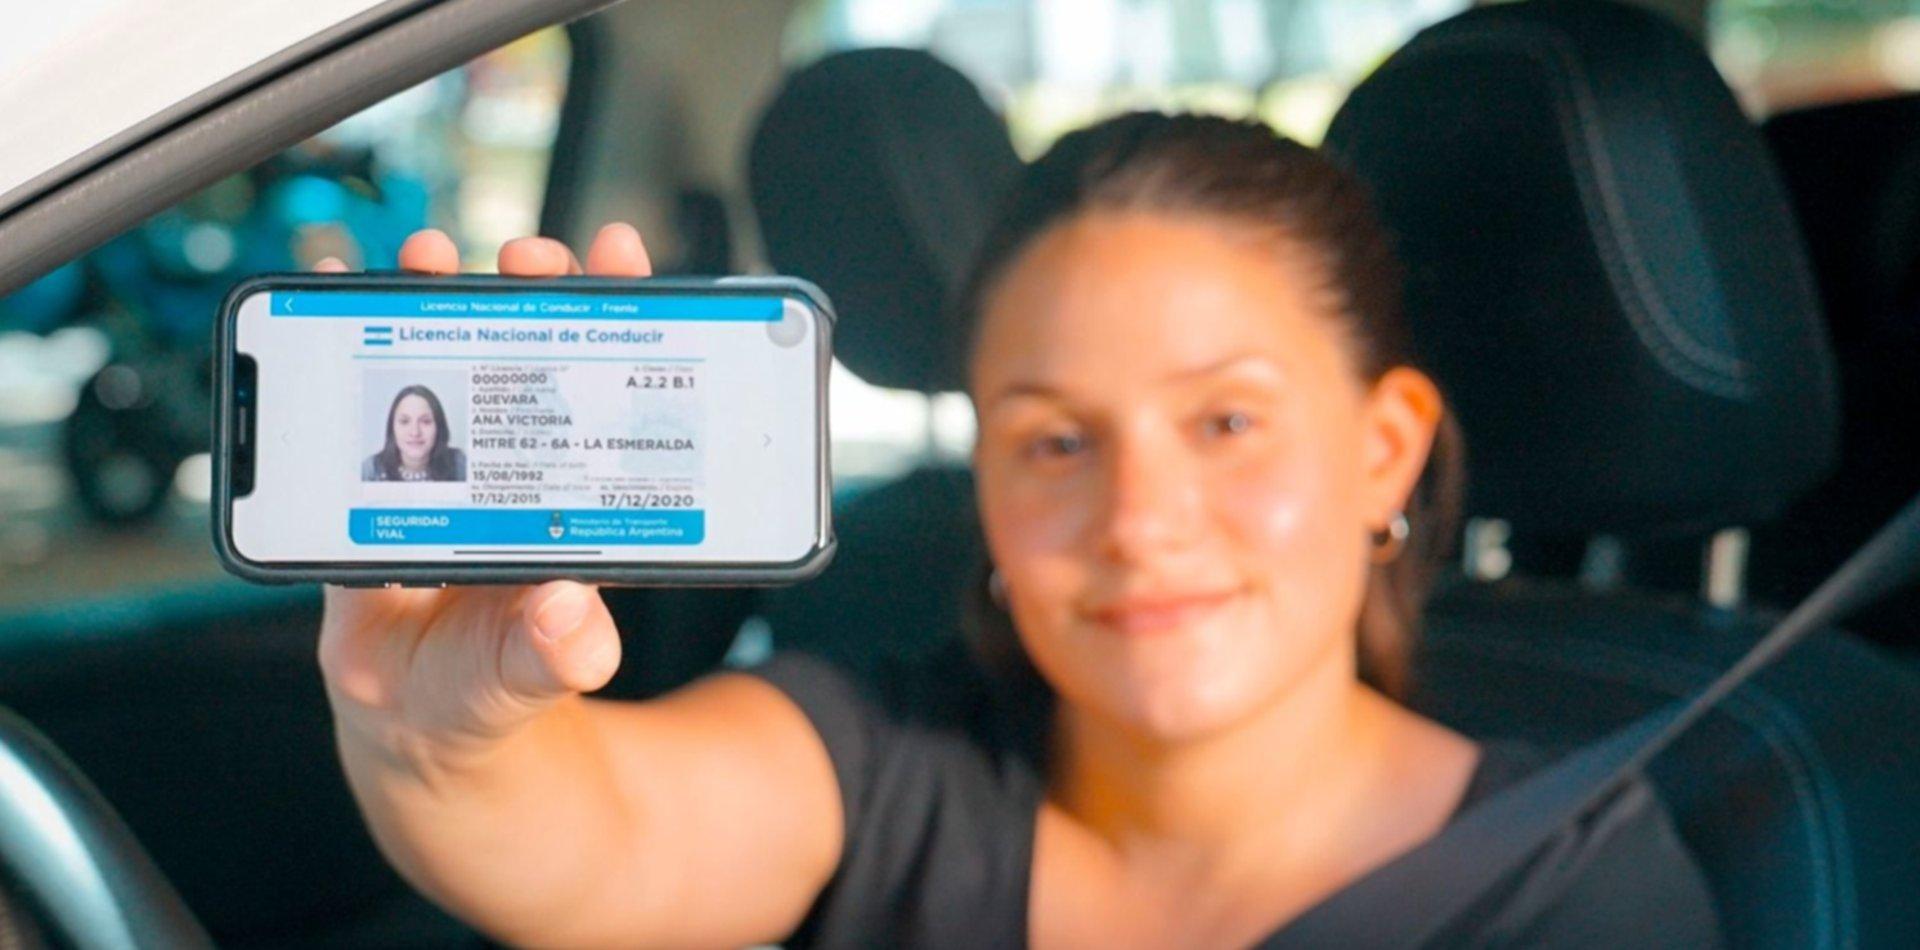 ¿Qué hay que hacer para tener la licencia de conducir y la cédula en el celular?